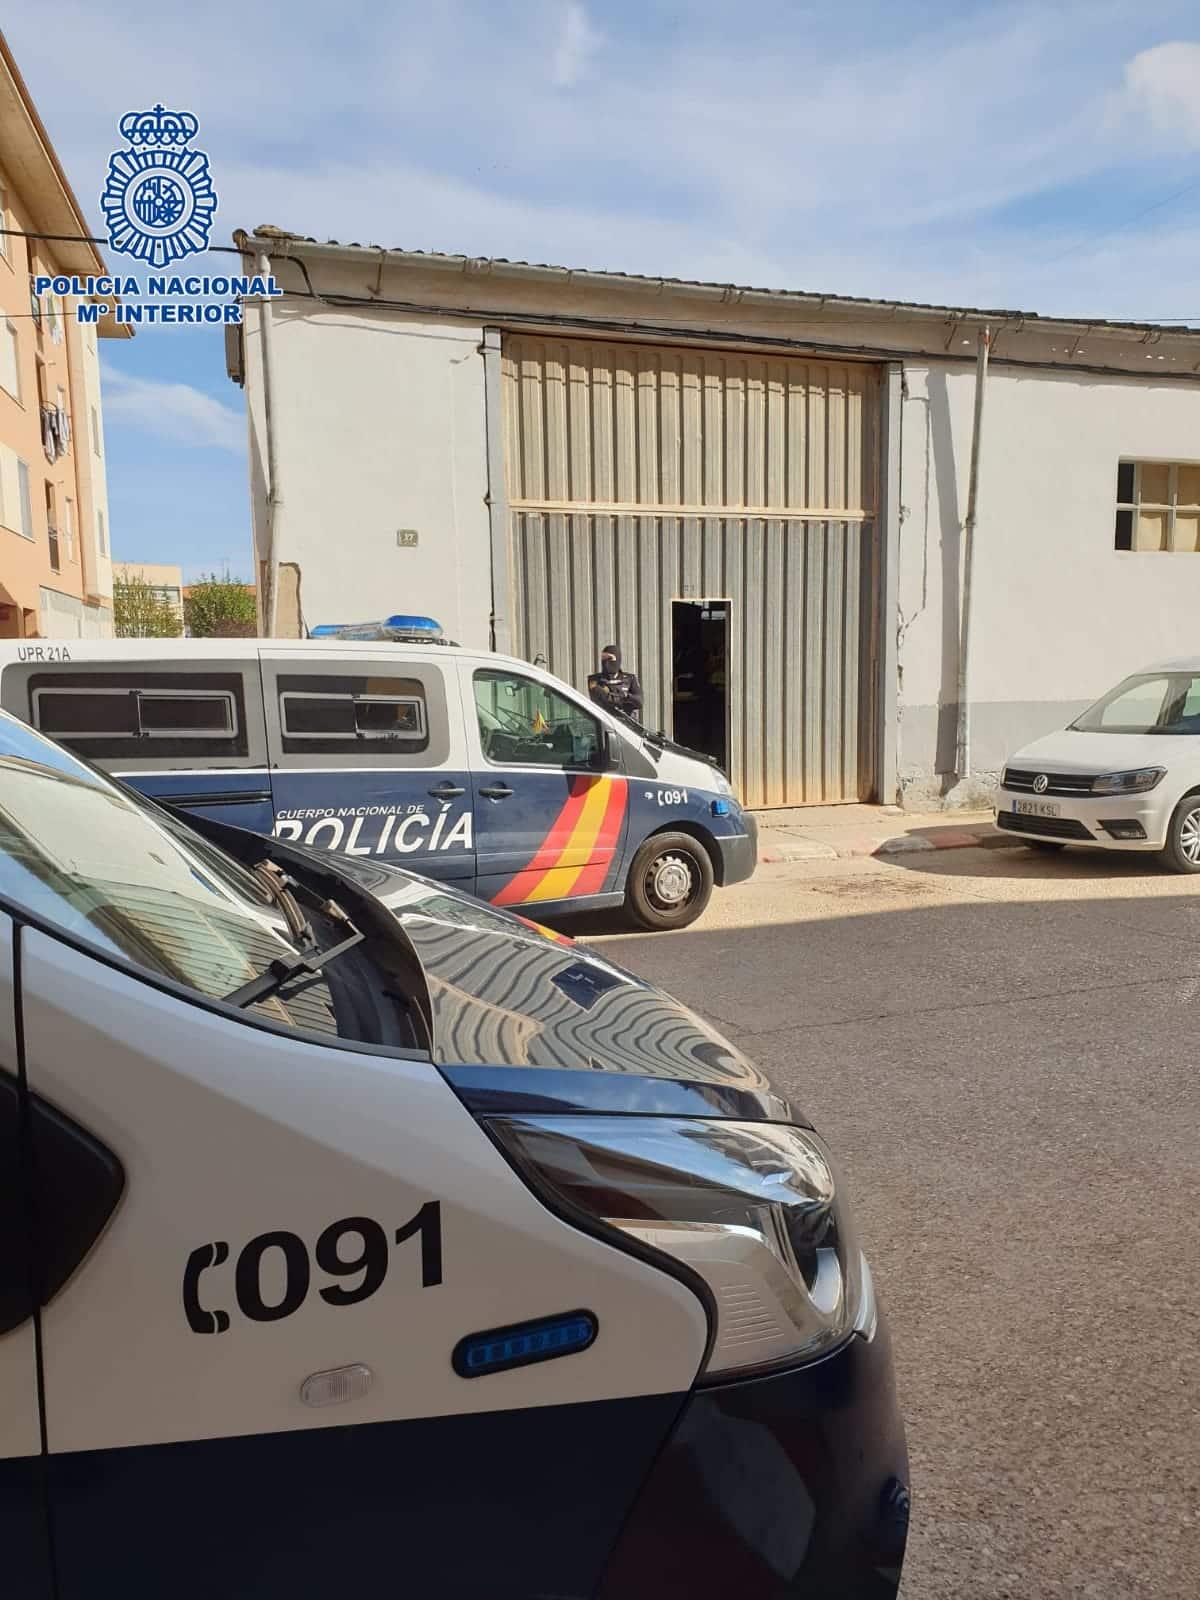 Operación 'Laurel y Hardy': Detenidos los atracadores de cuatro asaltos a supermercados en La Rioja 1